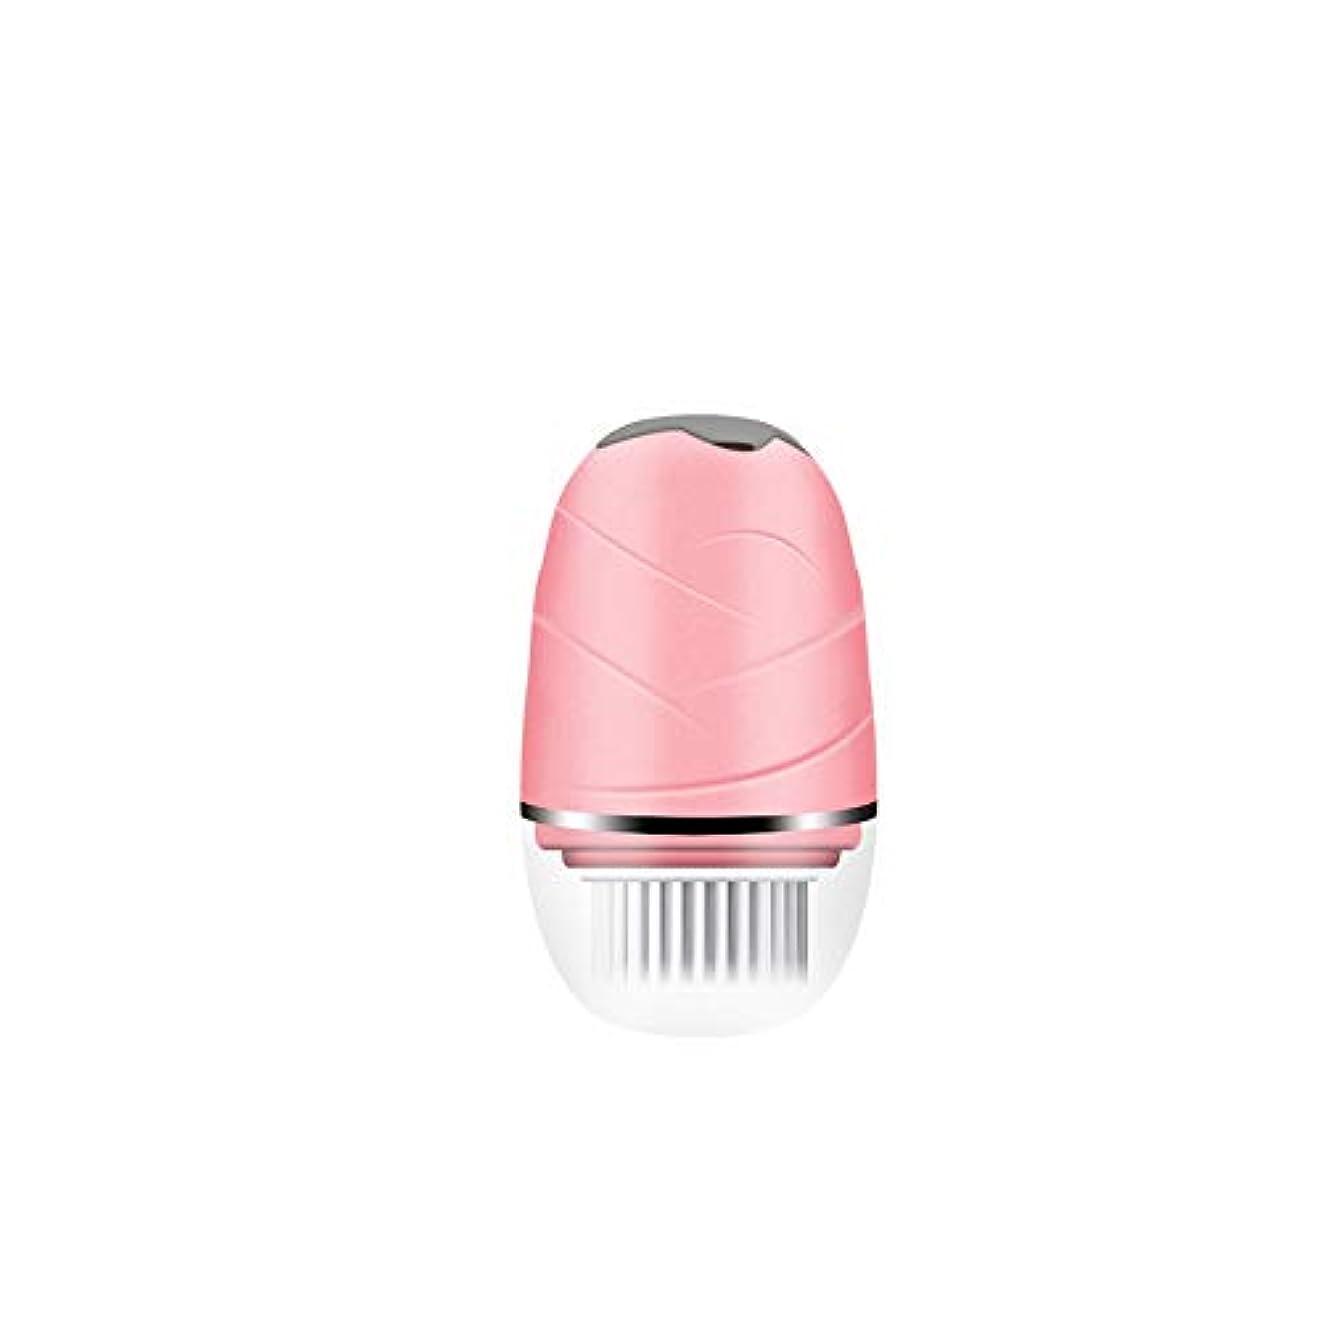 洗顔ブラシ、3つのブラシヘッドを備えた防水フェイスブラシ、フェイスクリーニング、角質除去、マッサージのためのポータブル電動回転フェイススクラバー,ピンク